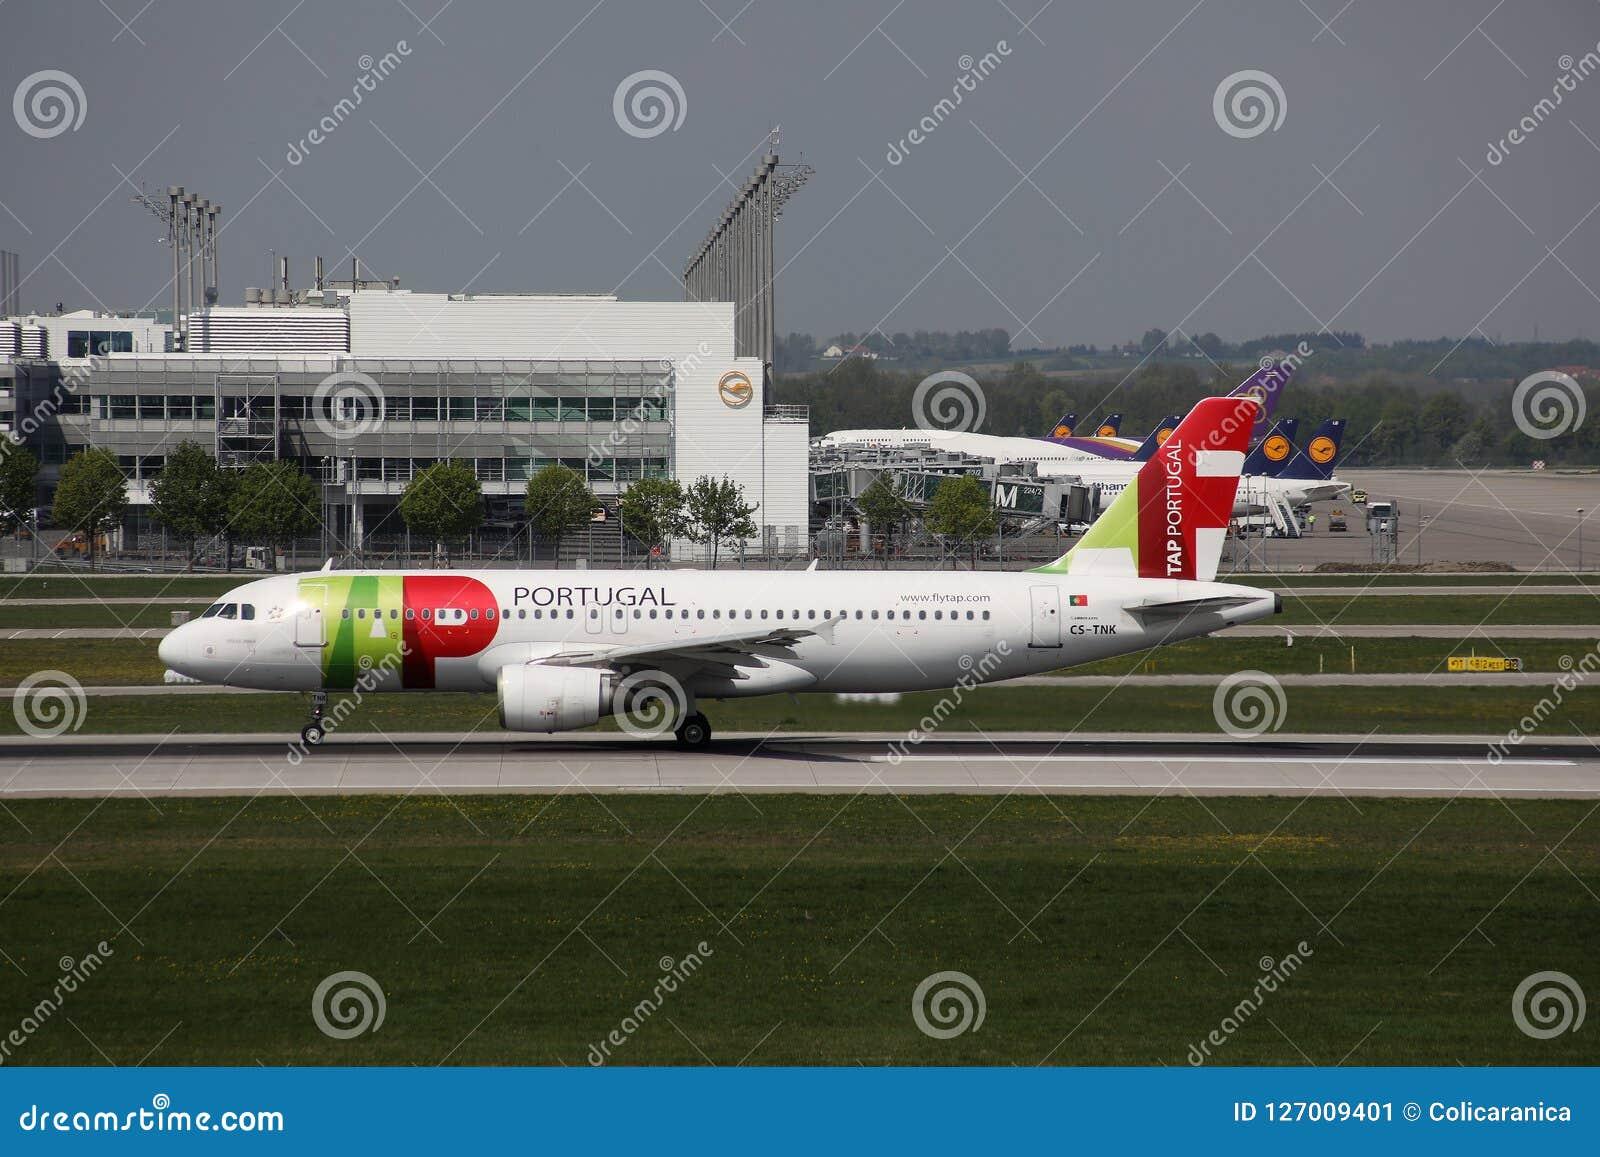 KNACKA LÄTT PÅ den Air Portugal nivån på landningsbana i den Munich flygplatsen, Tyskland, MUC